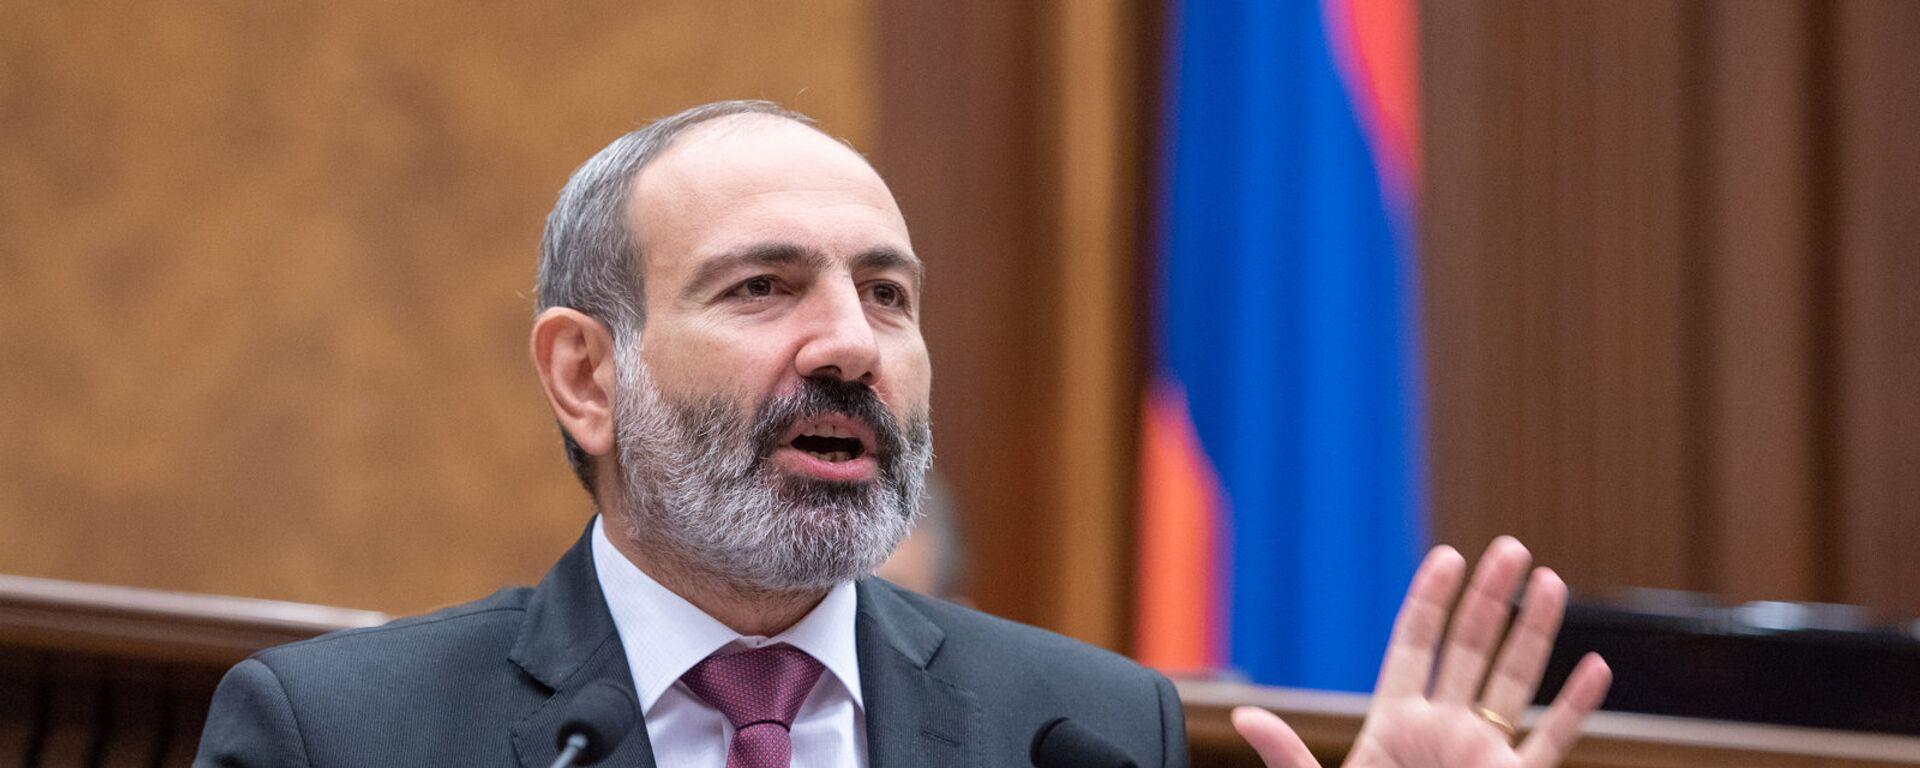 Nikol Pashinián, primer ministro de Armenia - Sputnik Mundo, 1920, 12.08.2021